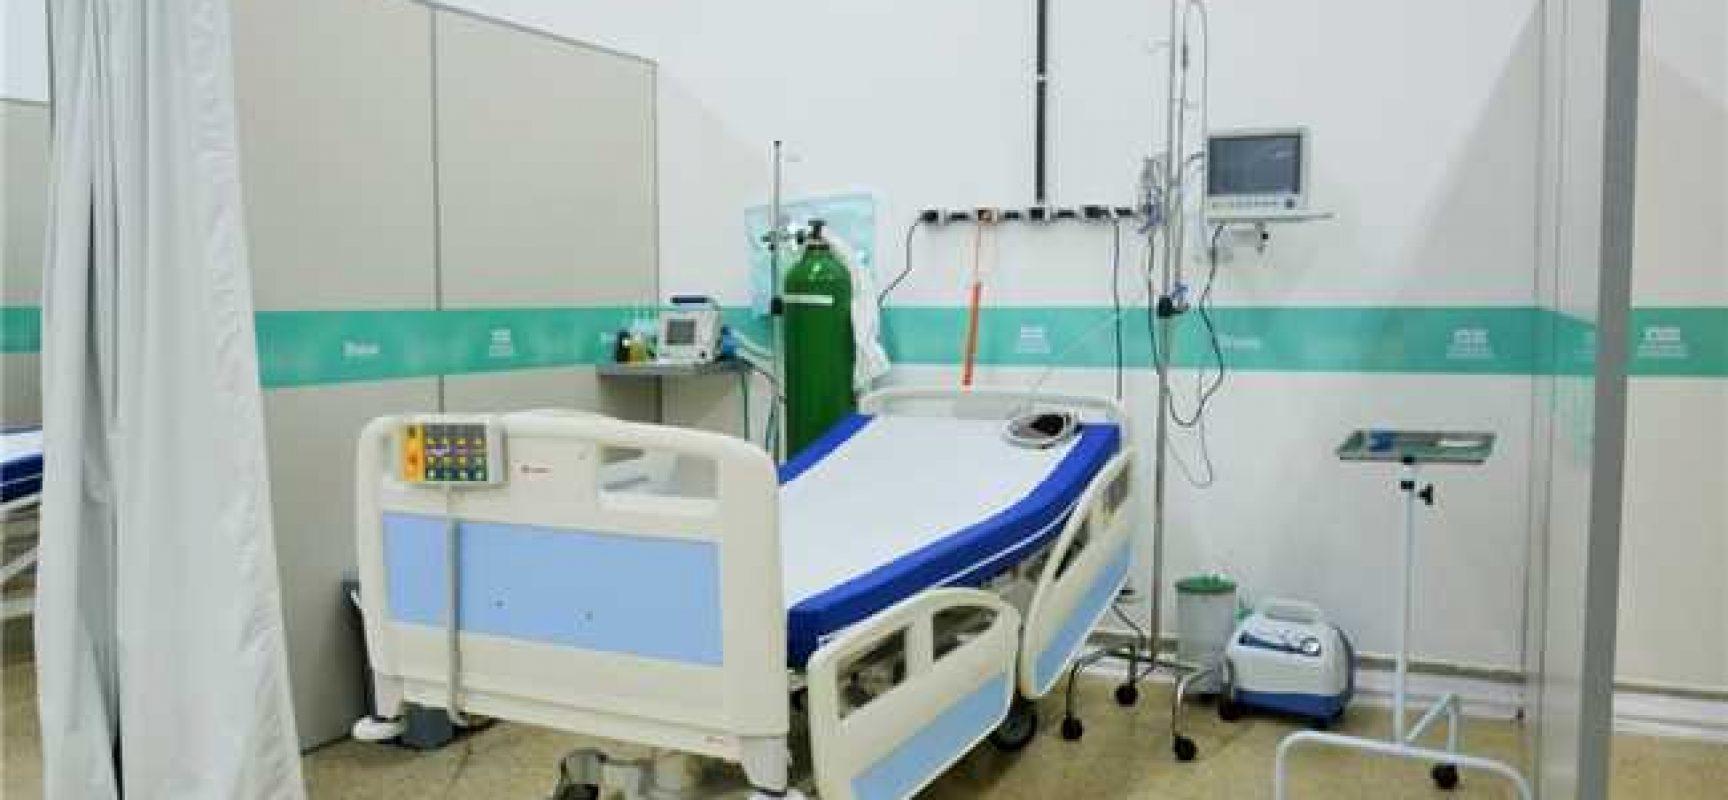 Covid-19: Extremo-Sul da Bahia tem taxa de mortalidade 45% superior a média do estado